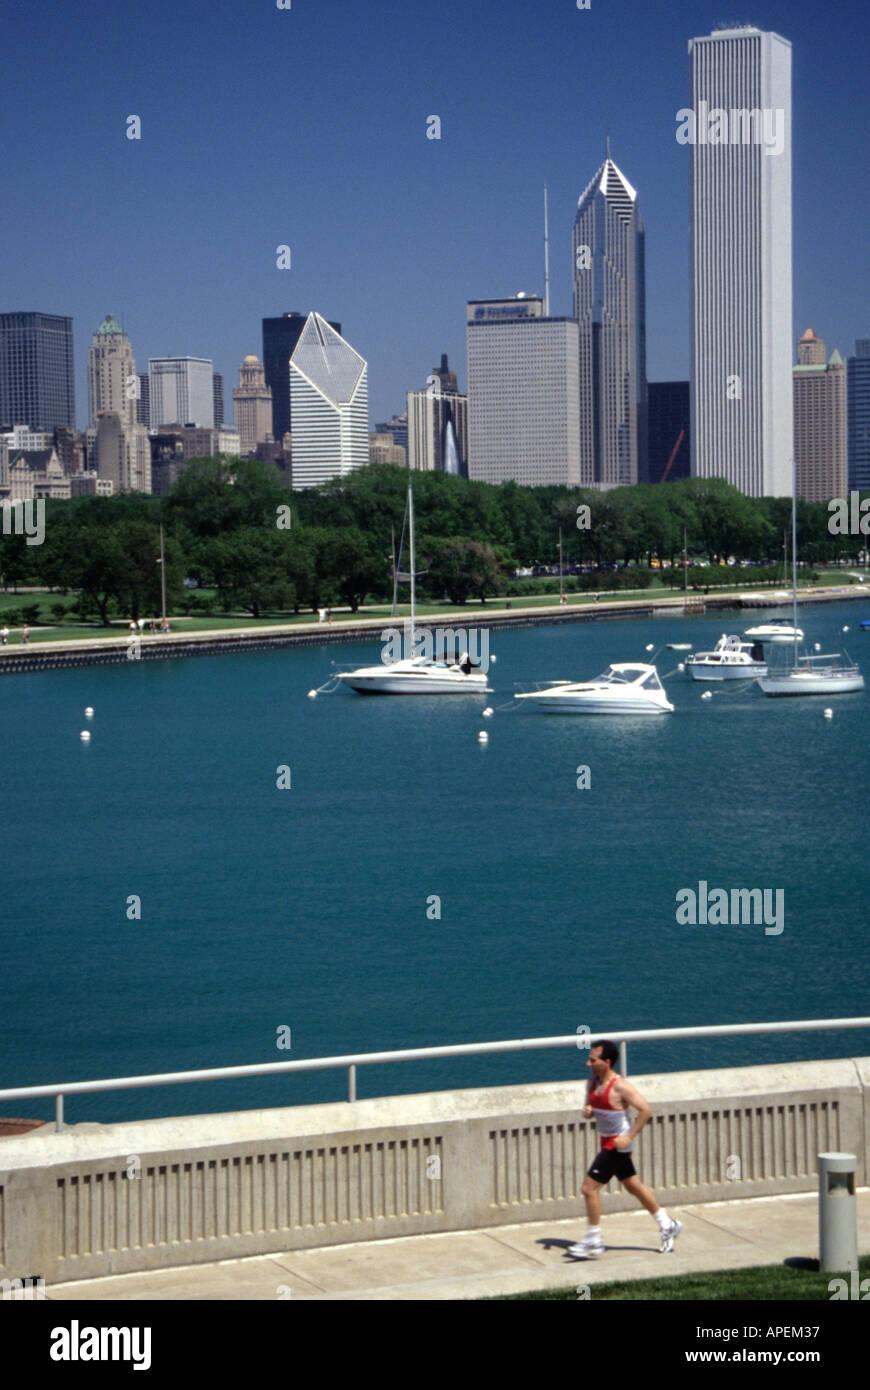 Skyline Skyscraper Lake Michigan Boat Jogger Chicago Illinois